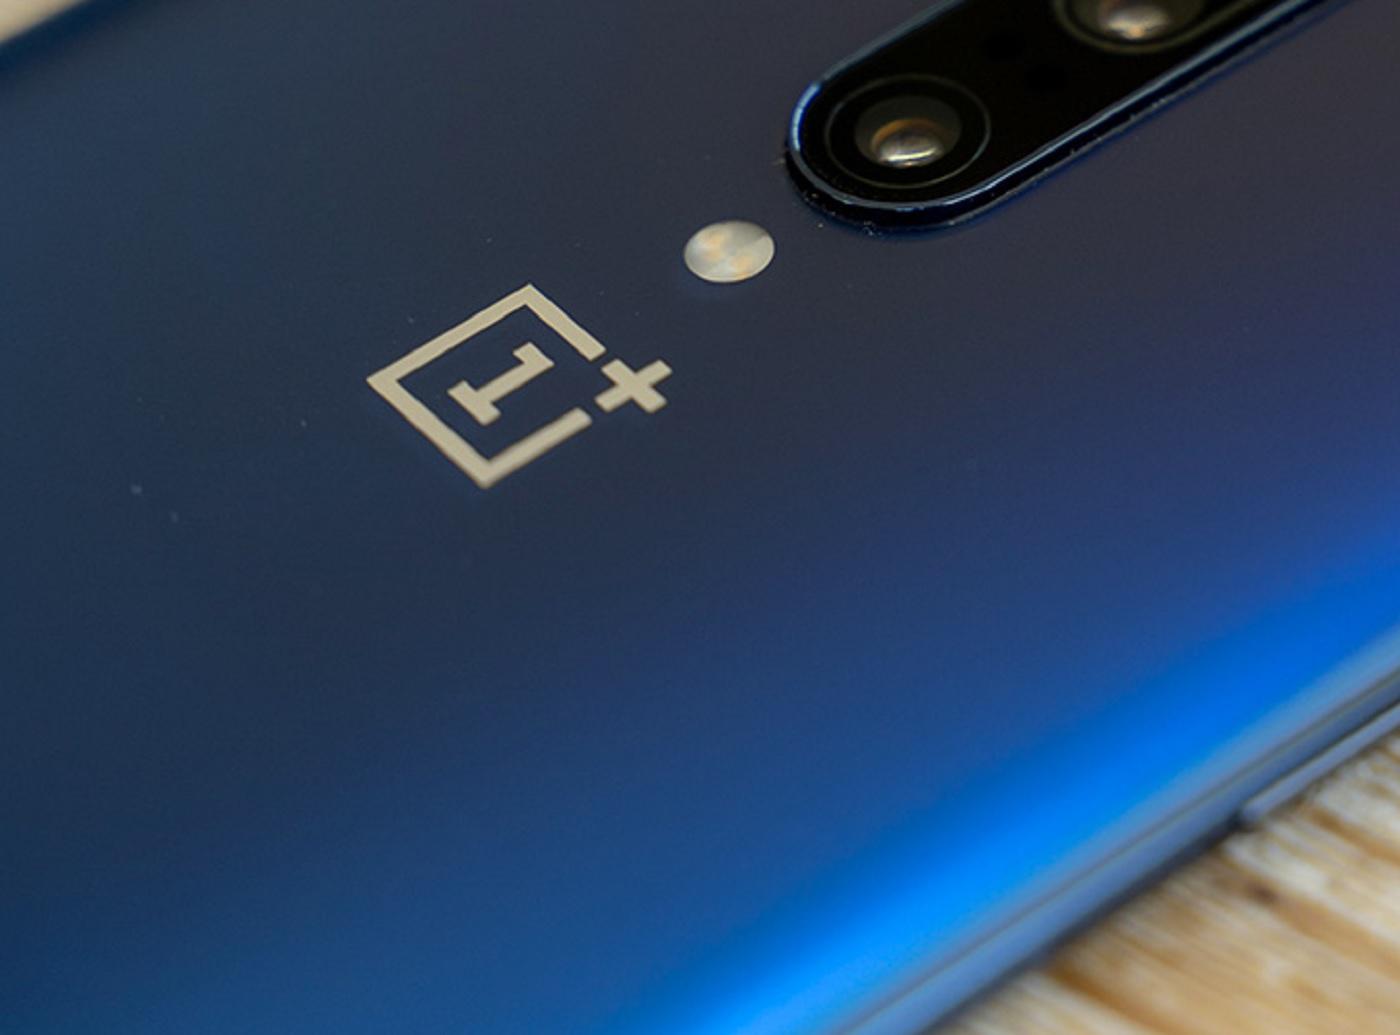 Le logo de OnePlus sur le dos du OnePlus 7 Pro